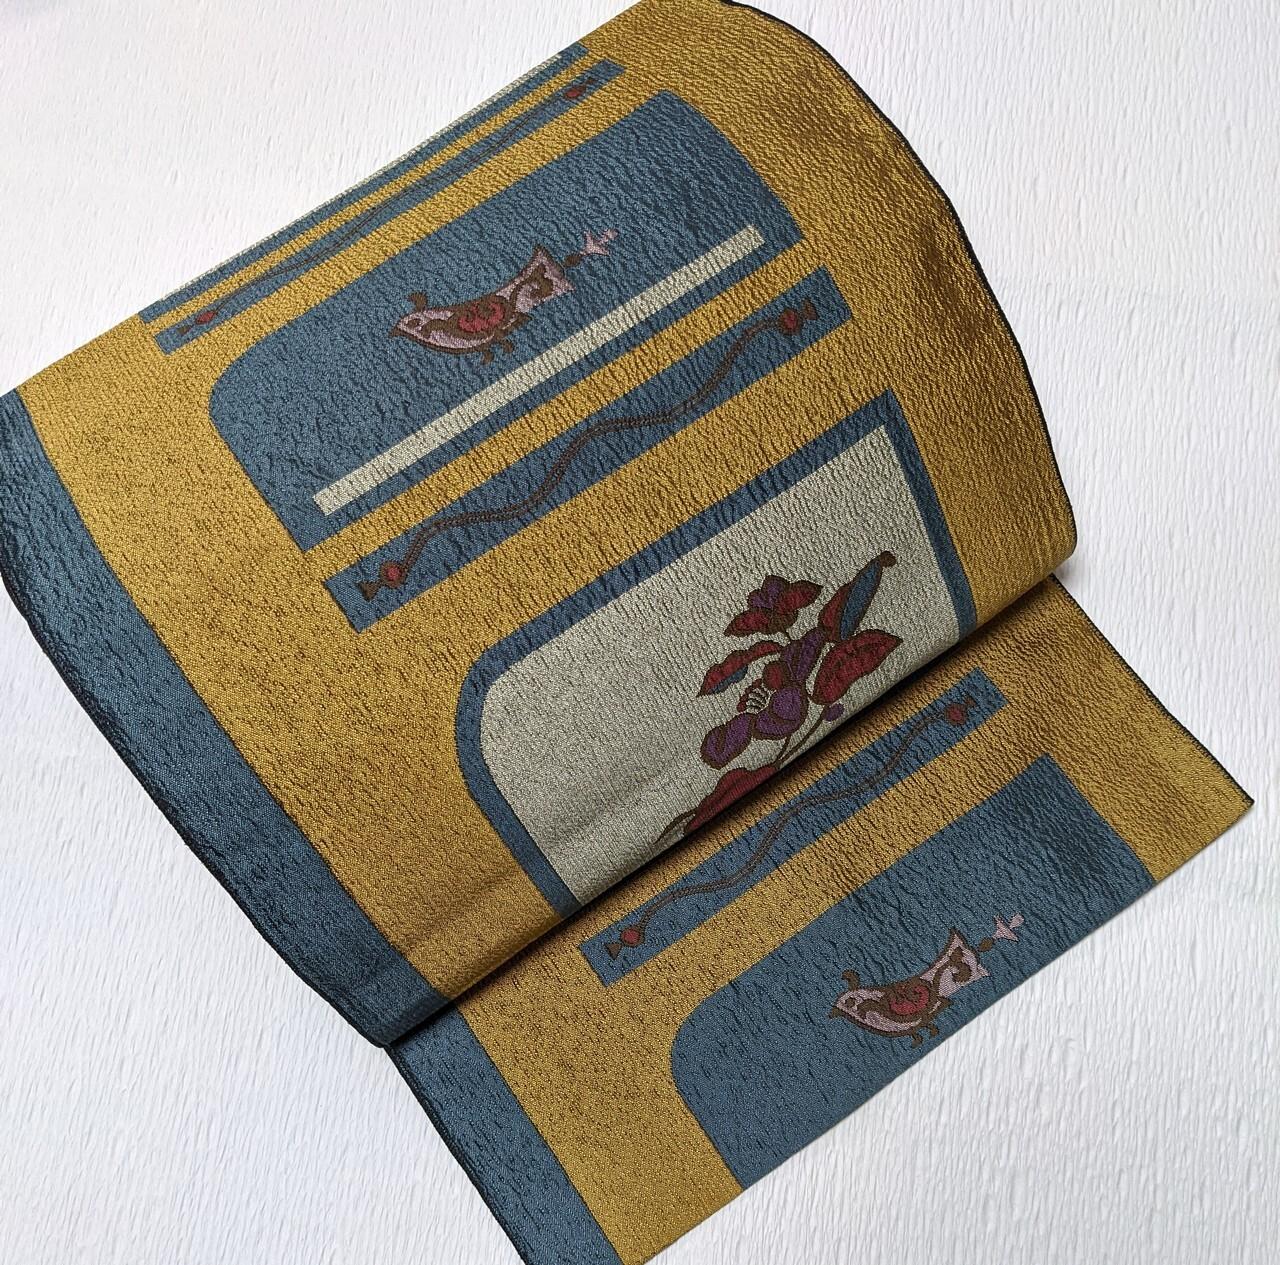 【使用感なし】8寸開き名古屋帯 松葉仕立て 花鳥織出し マスタード×グレー アシメントリー